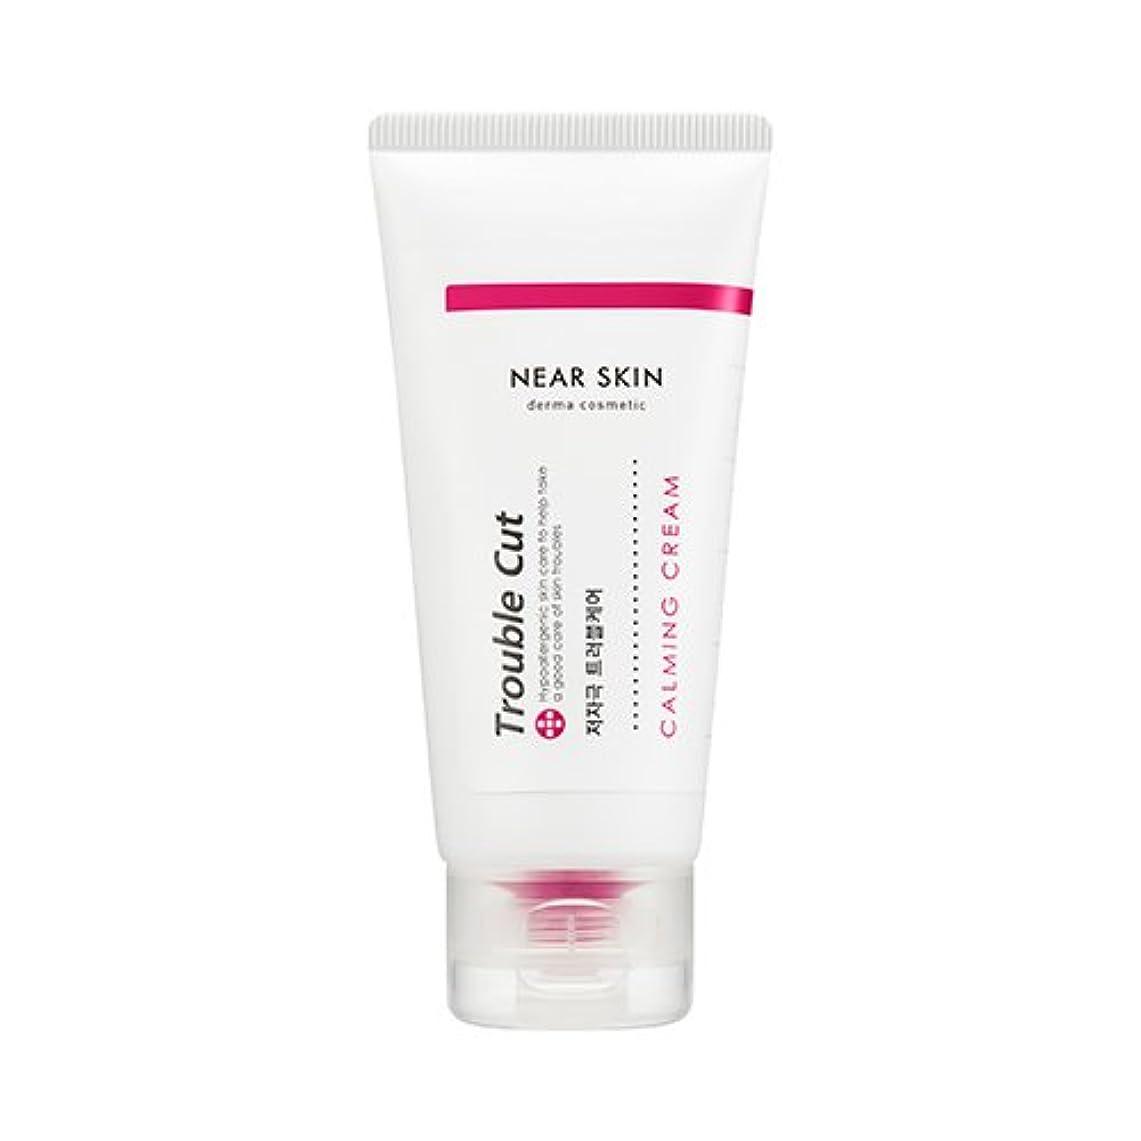 無ひばり作成者MISSHA [Near Skin] Trouble Cut Calming Cream 20ml / ミシャ ニアスキン トラブルカットカミングクリーム [並行輸入品]